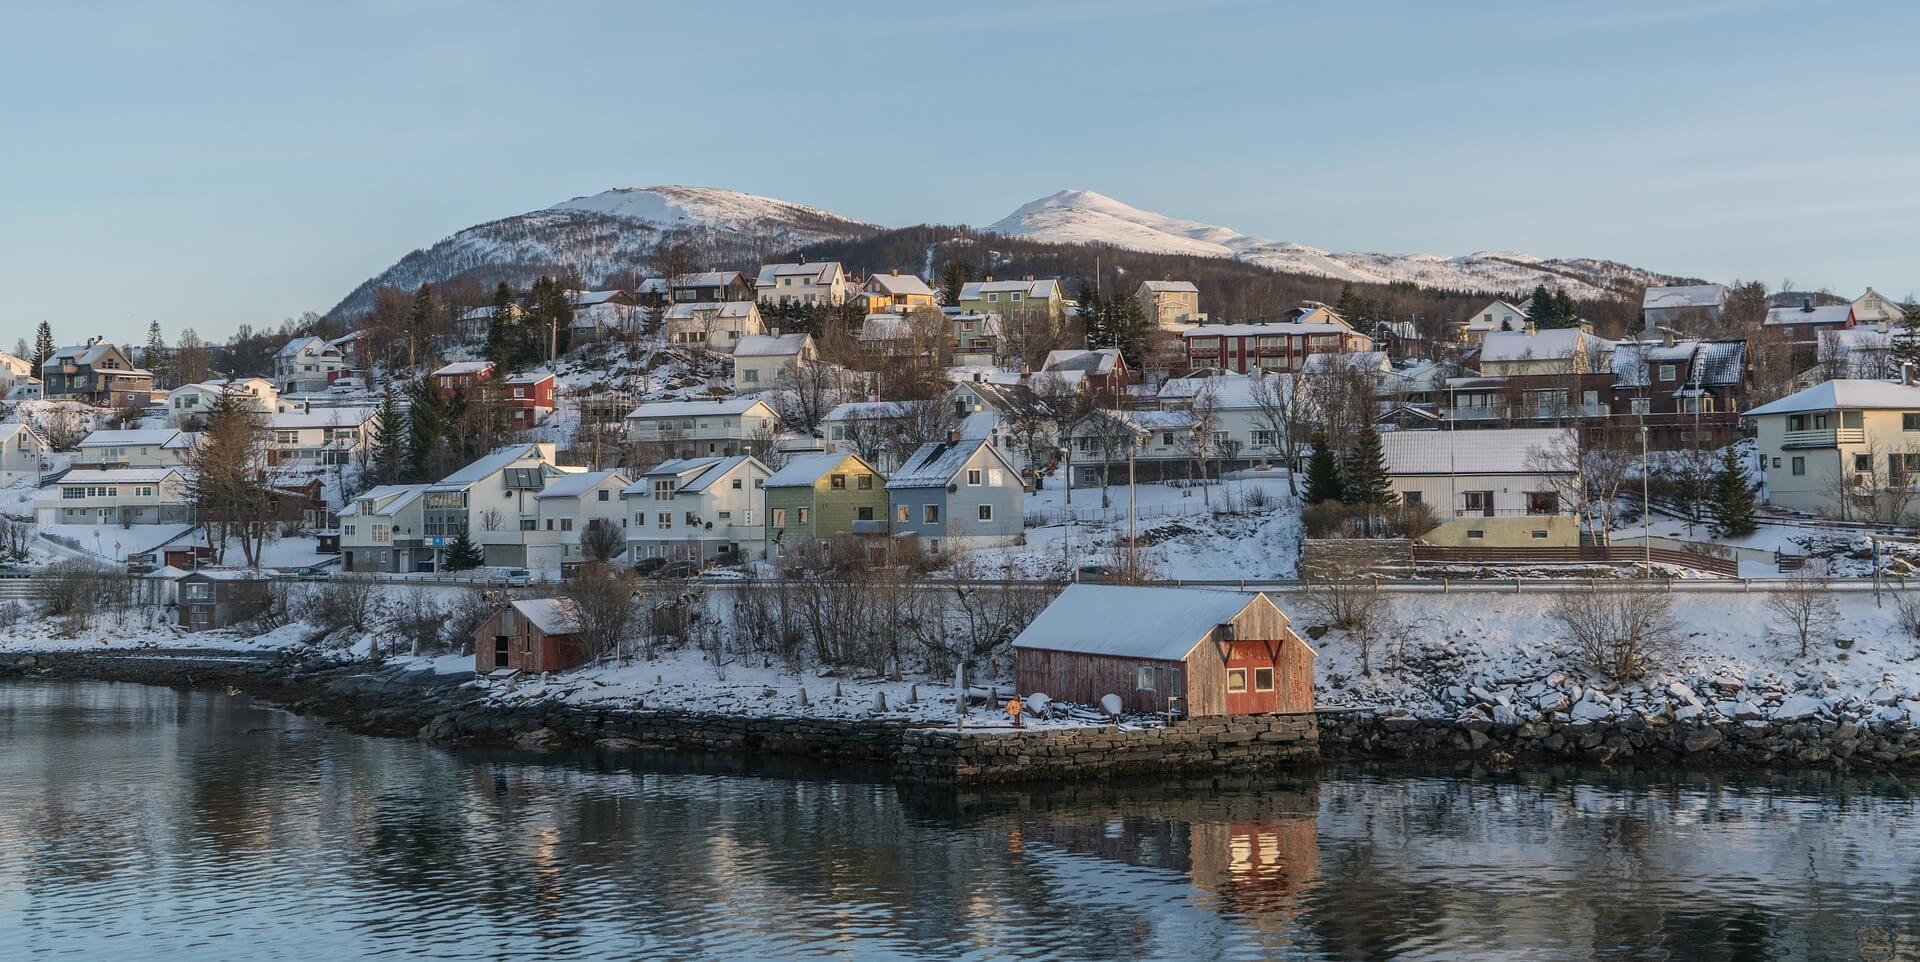 Direktflüge und Billigflüge ab München nach Tromso